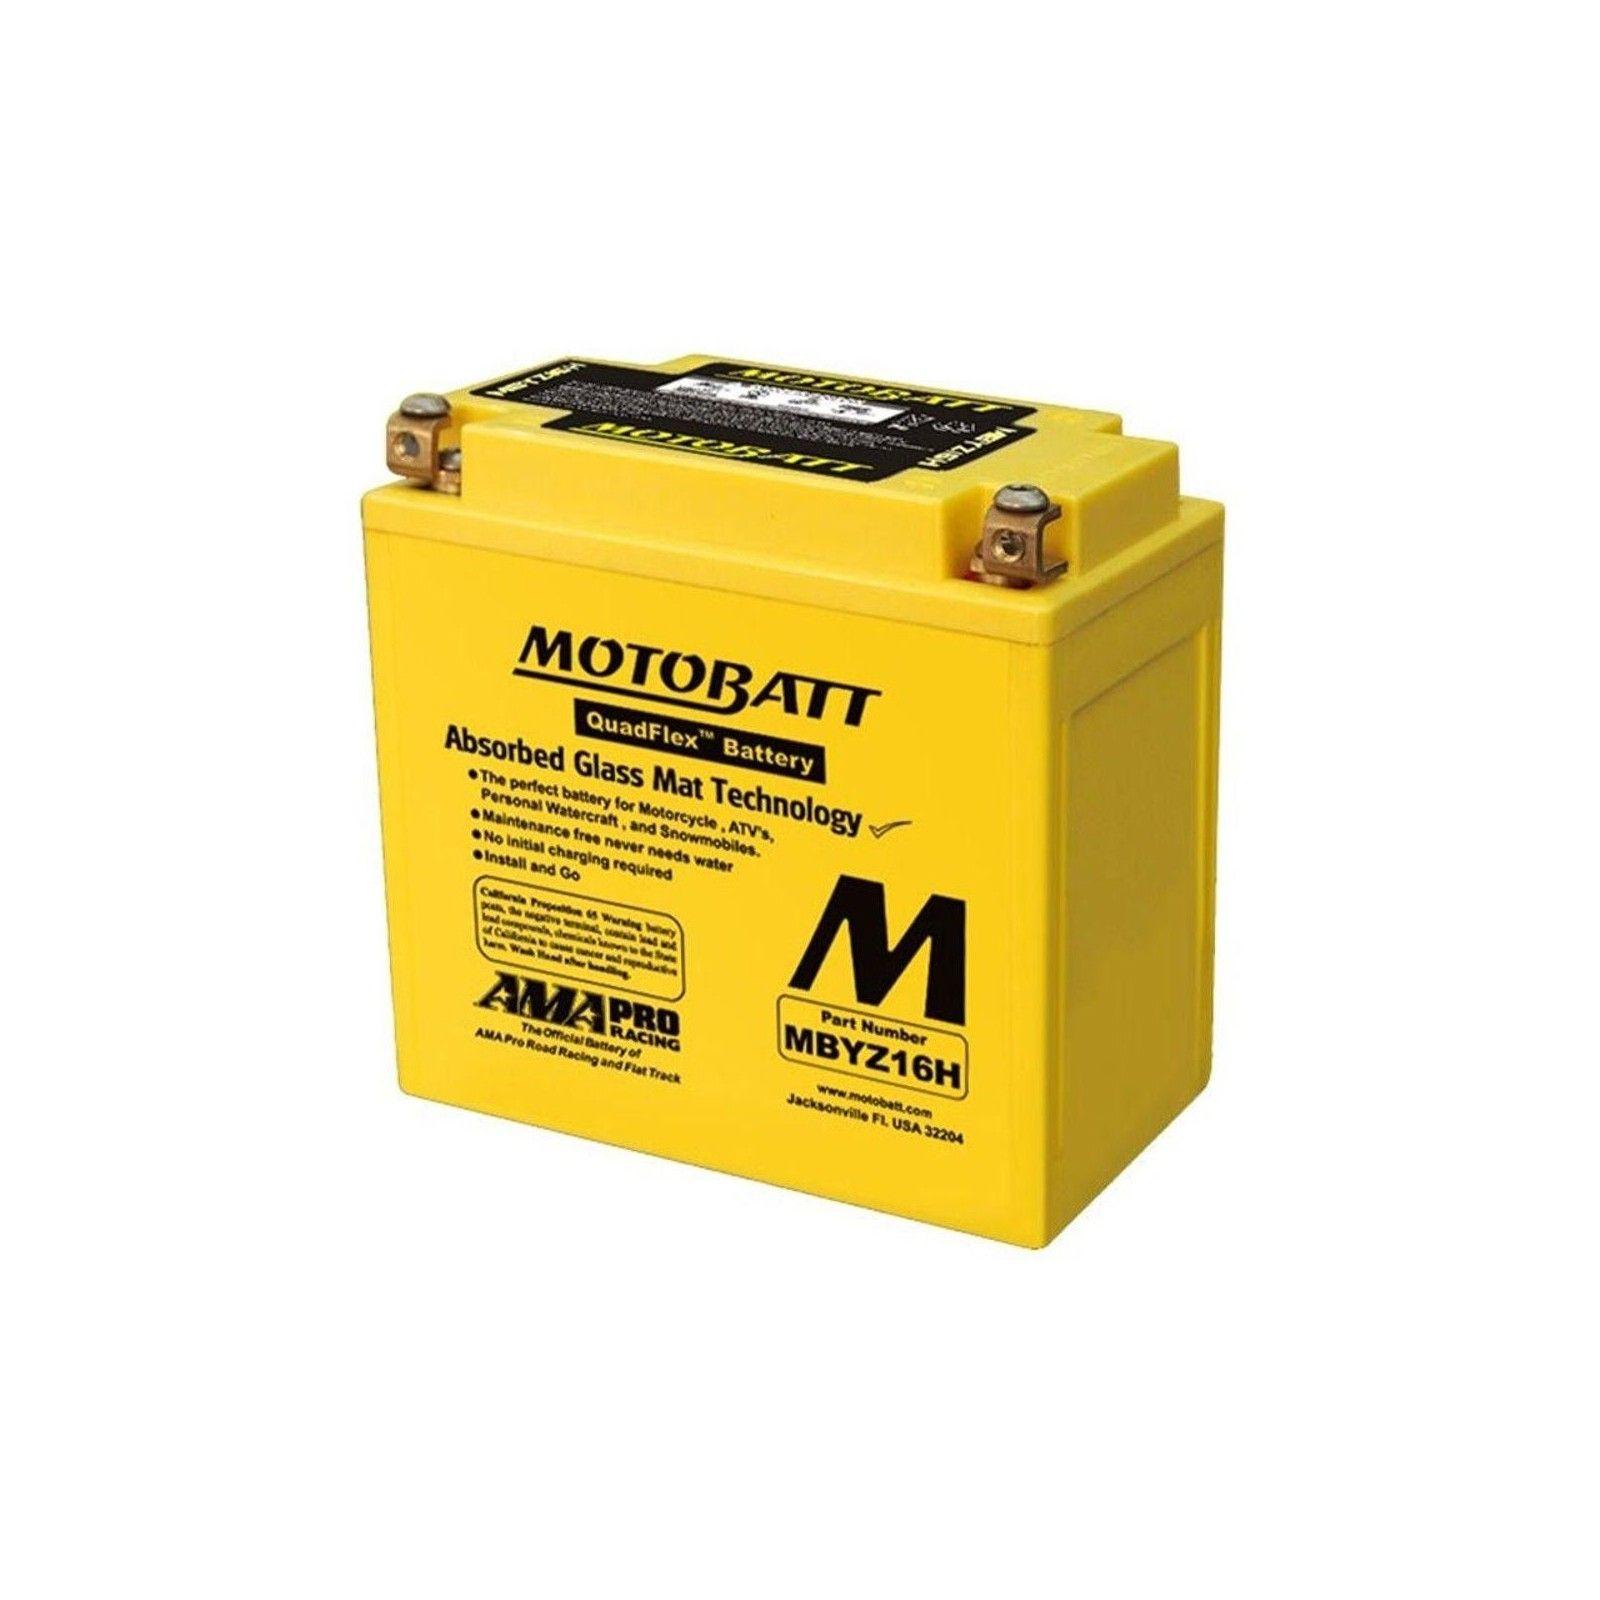 Batterie Motobatt MBYZ16H 16,5Ah 240A 12V Quadflex MOTOBATT - 1